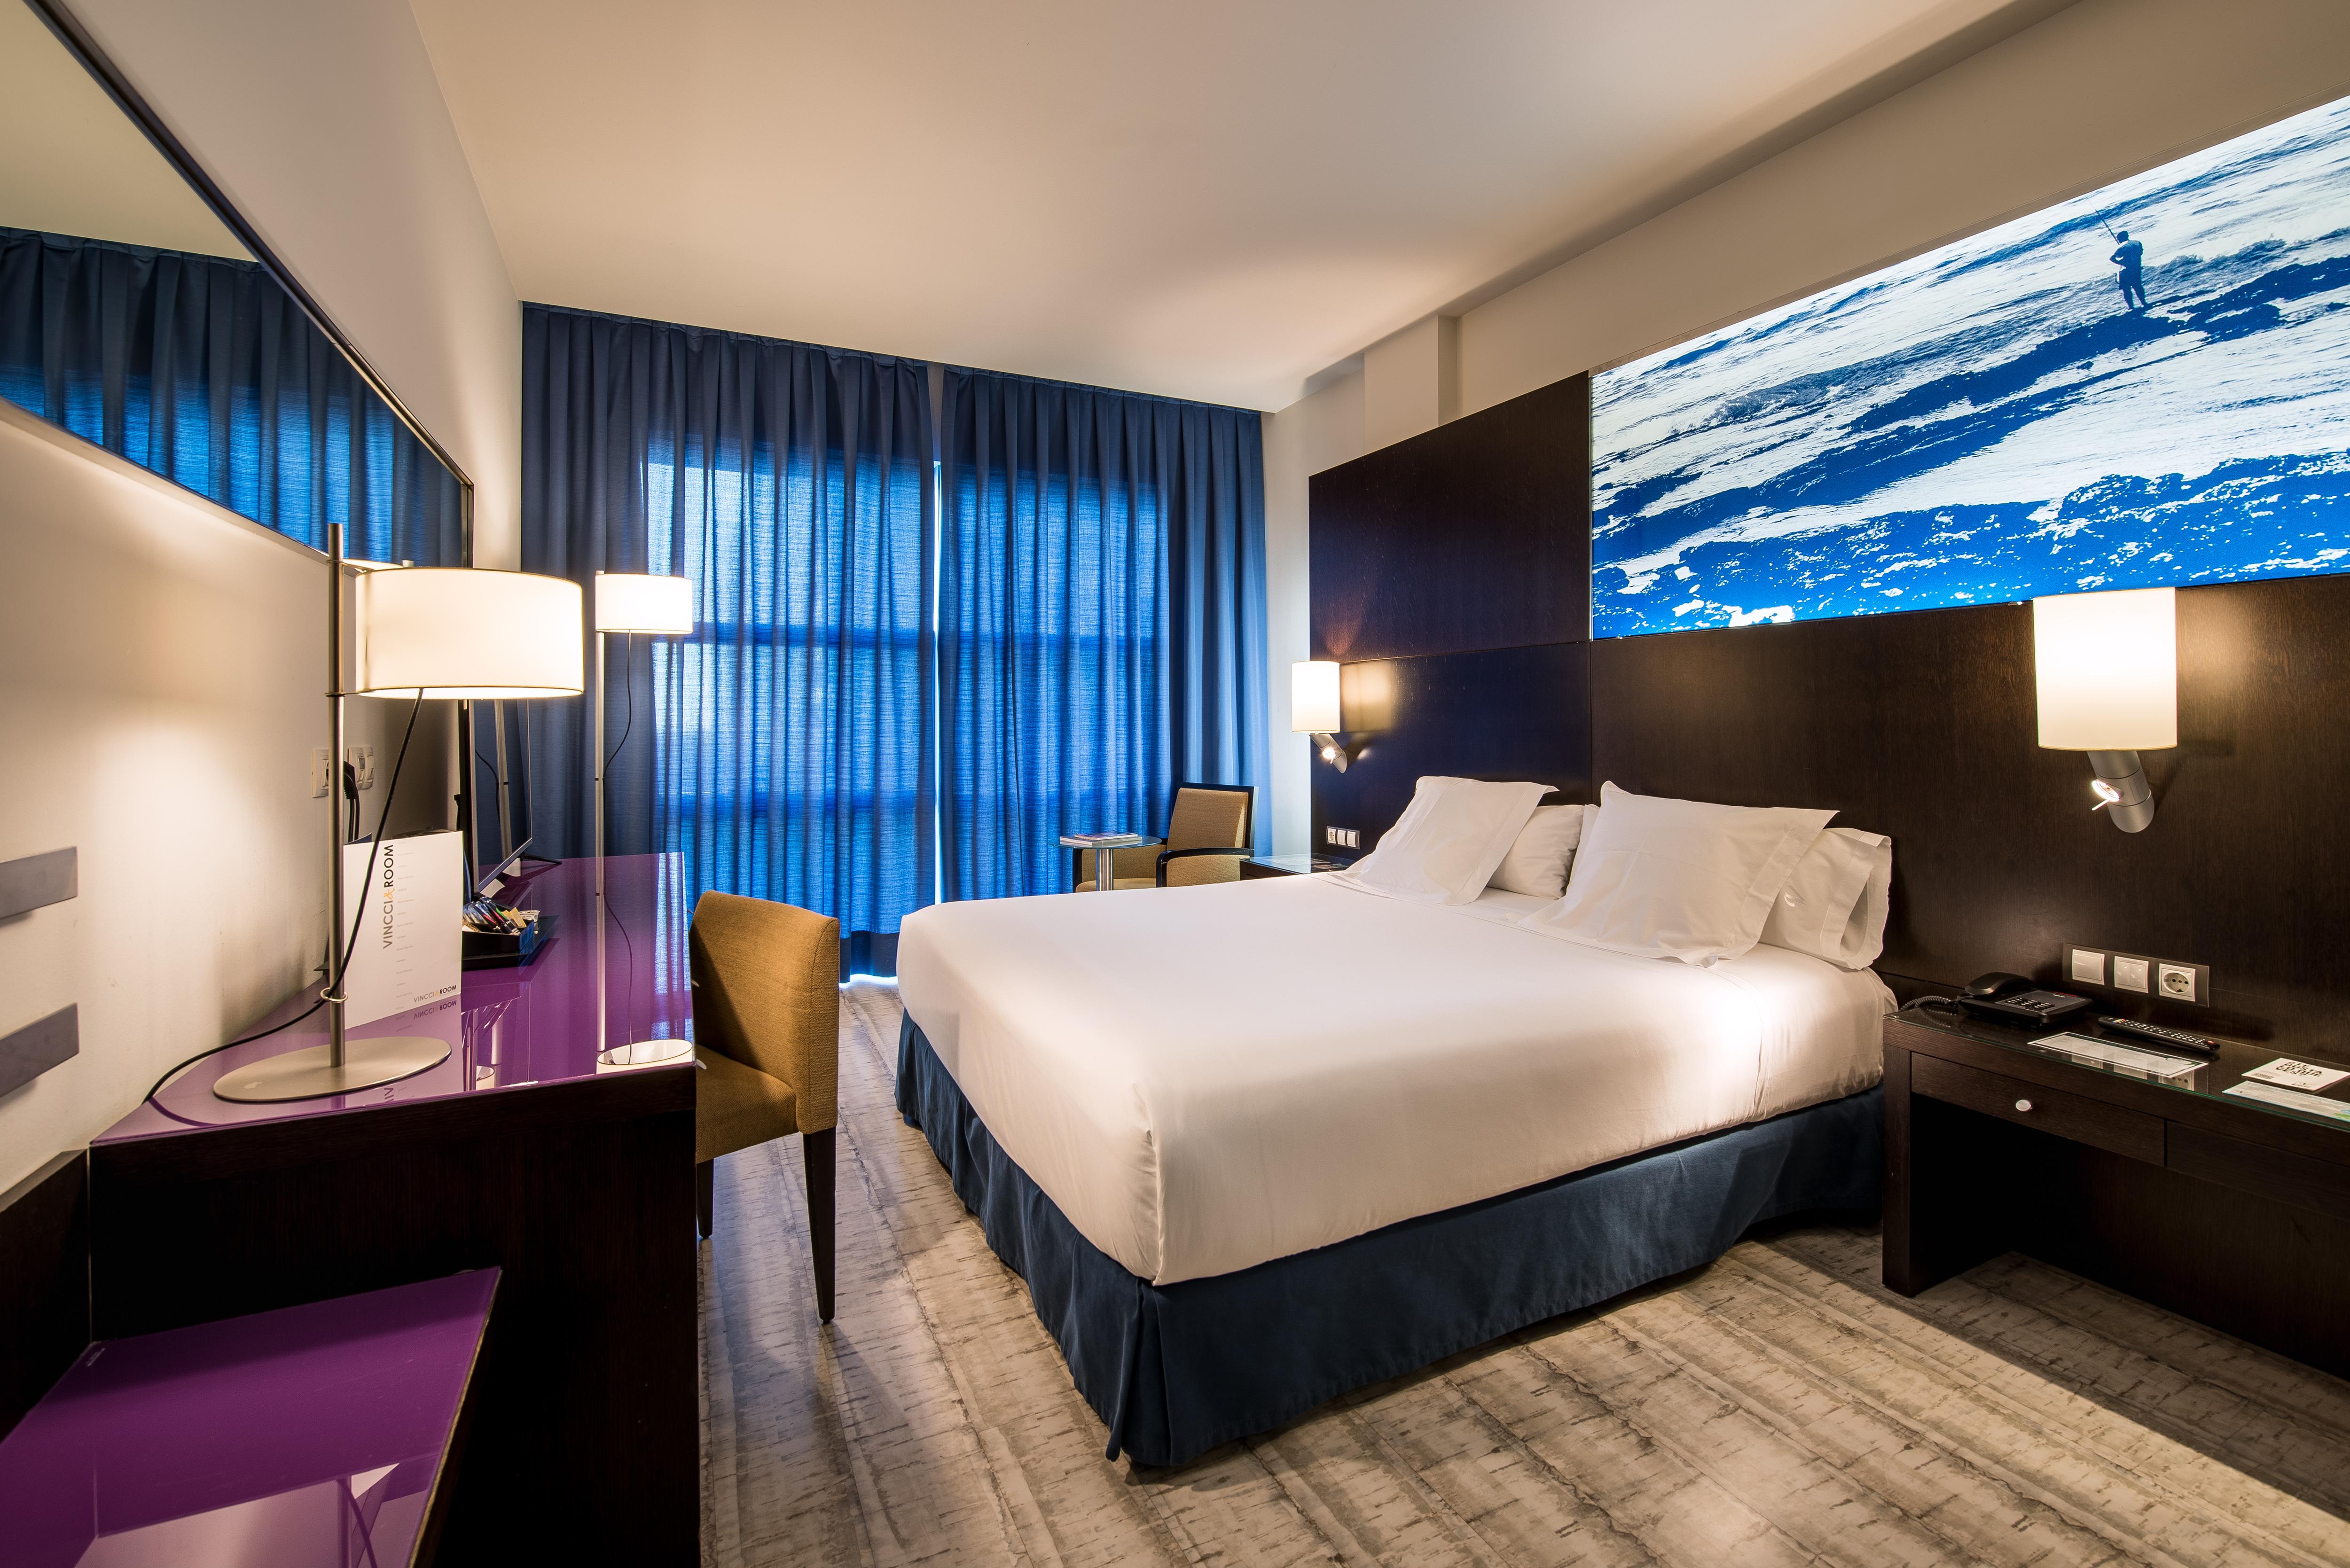 Vincci mar timo hotel en barcelona viajes el corte ingl s - Hotel vincci barcelona ...